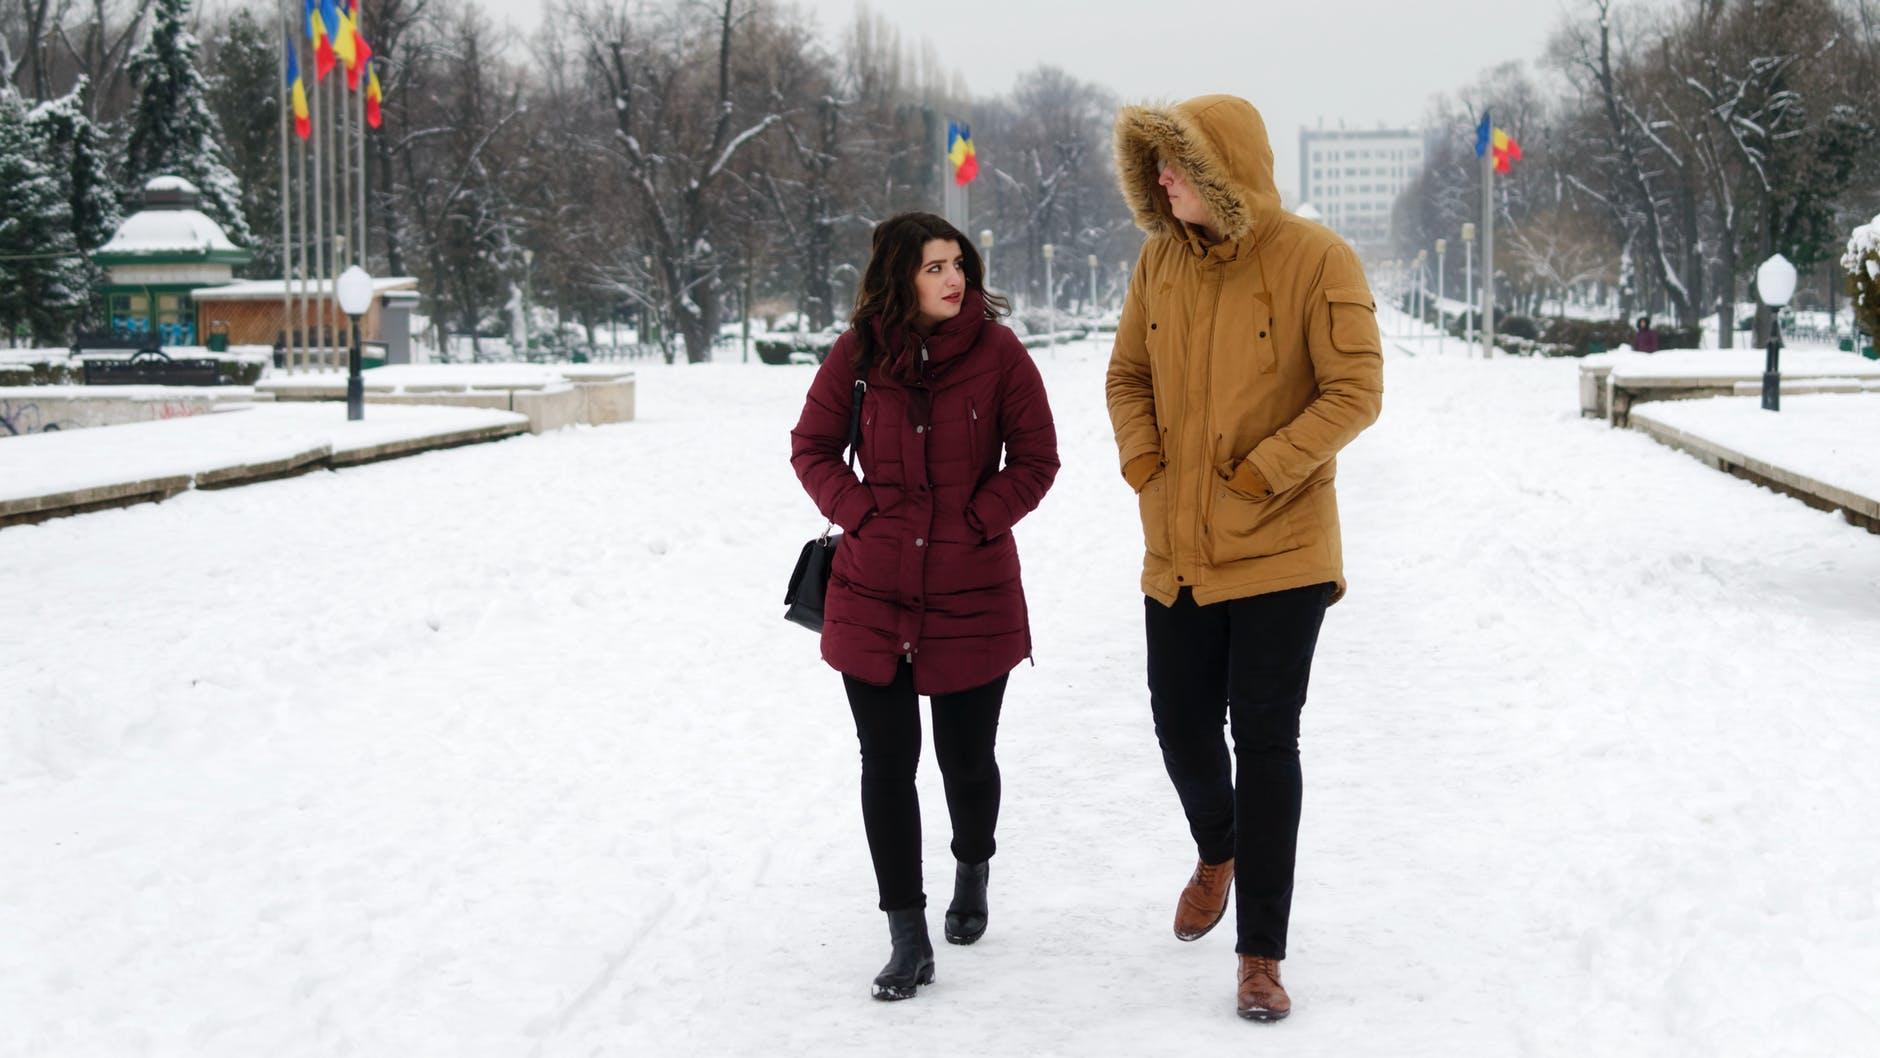 man in brown parka jacket walking beside woman in maroon coat